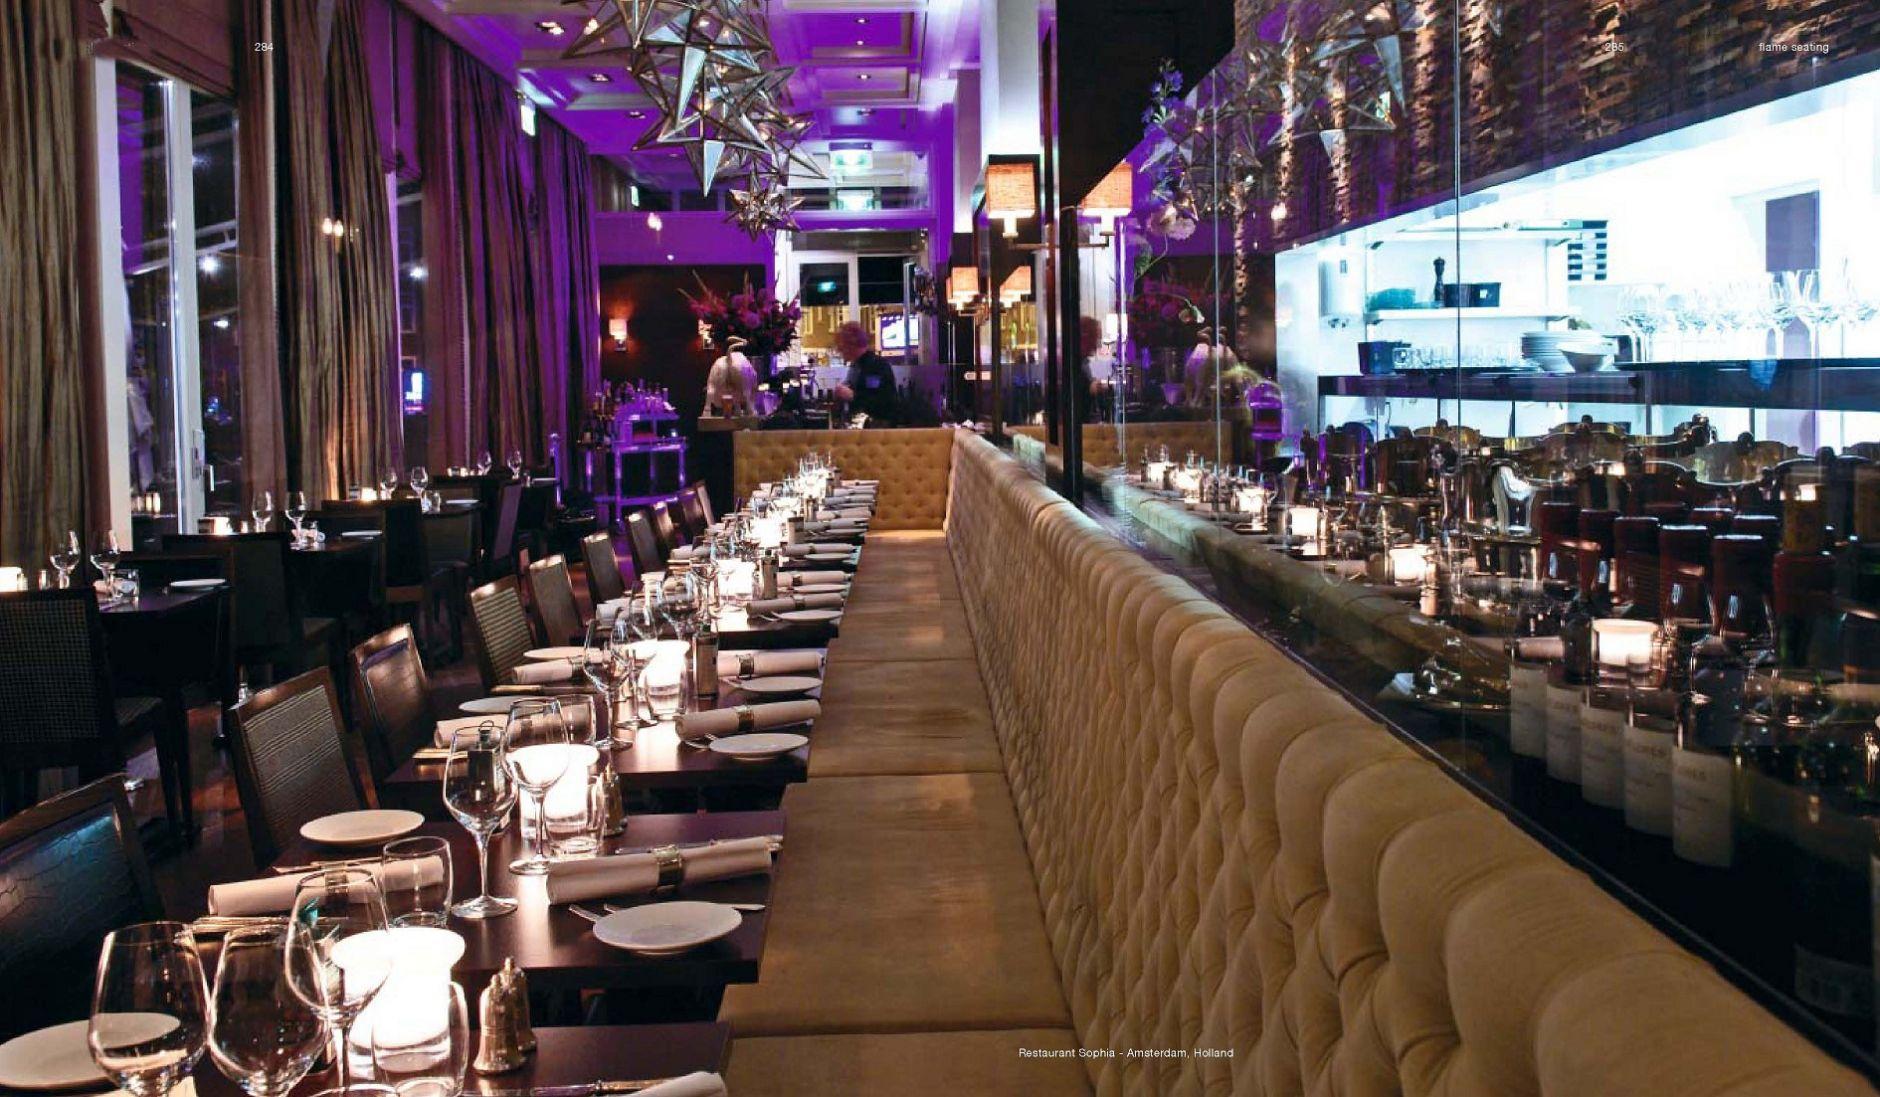 mobilier pour bars meubles pour restaurants mont flamme s rieles meubles de l 39 italie. Black Bedroom Furniture Sets. Home Design Ideas